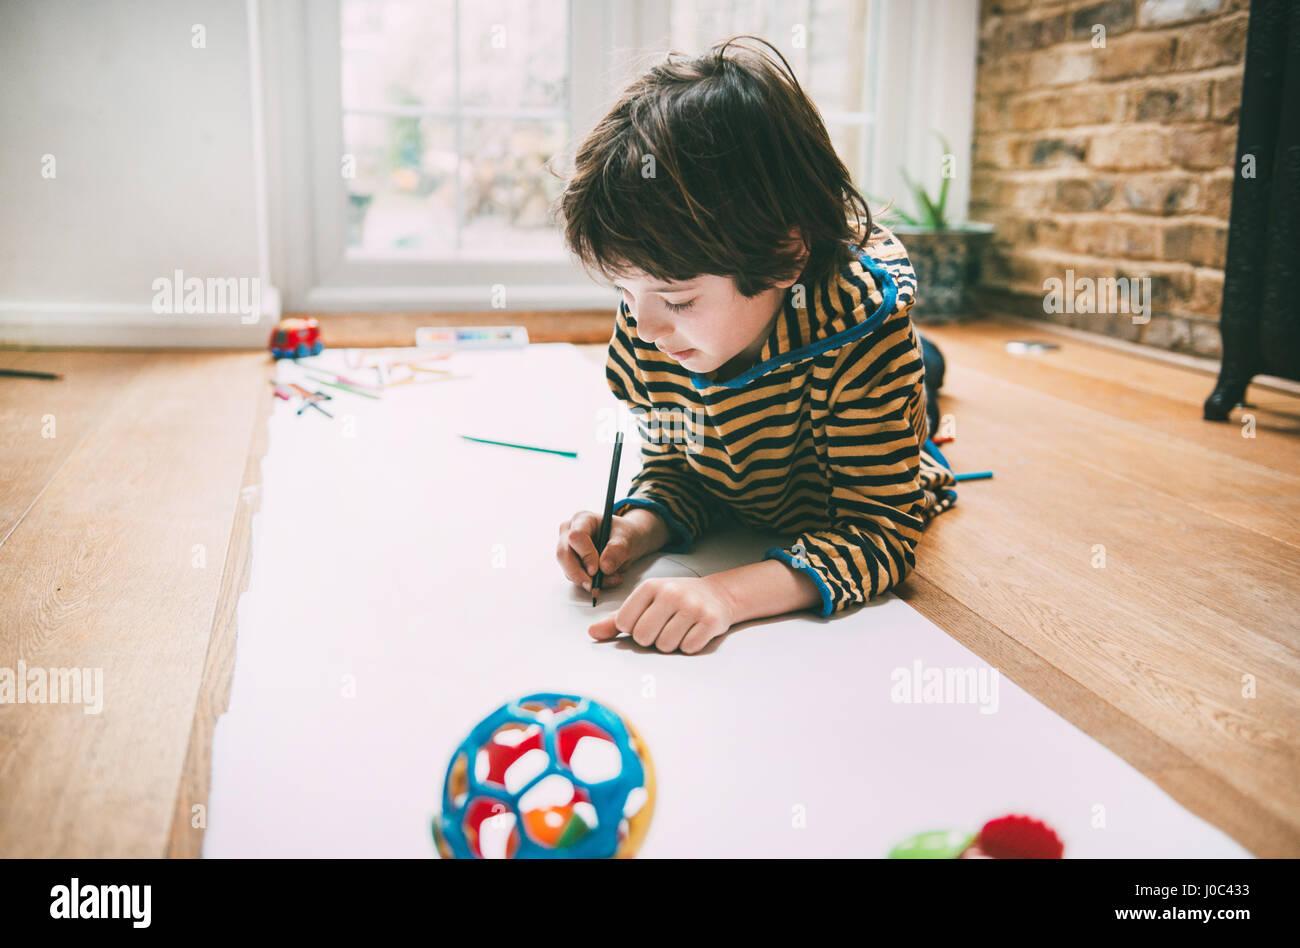 Junge auf Boden auf lange Papier zeichnen Stockbild